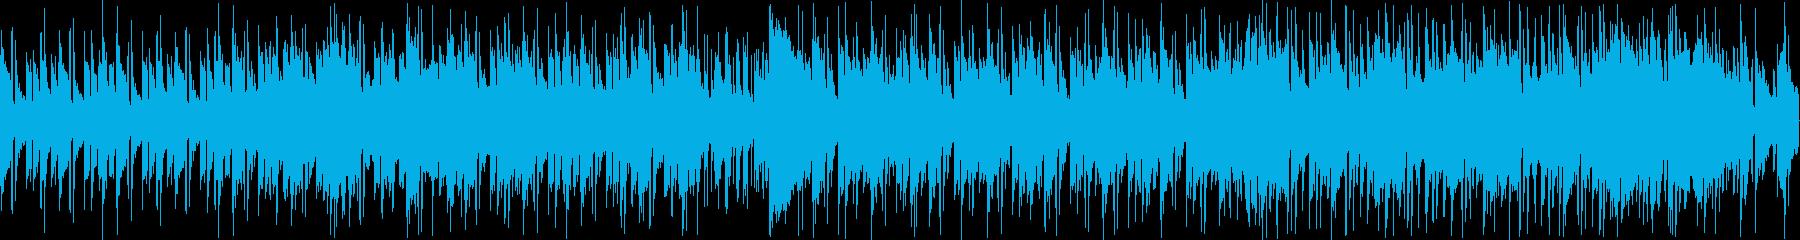 彷徨&印象スラップベースフュージョンの再生済みの波形